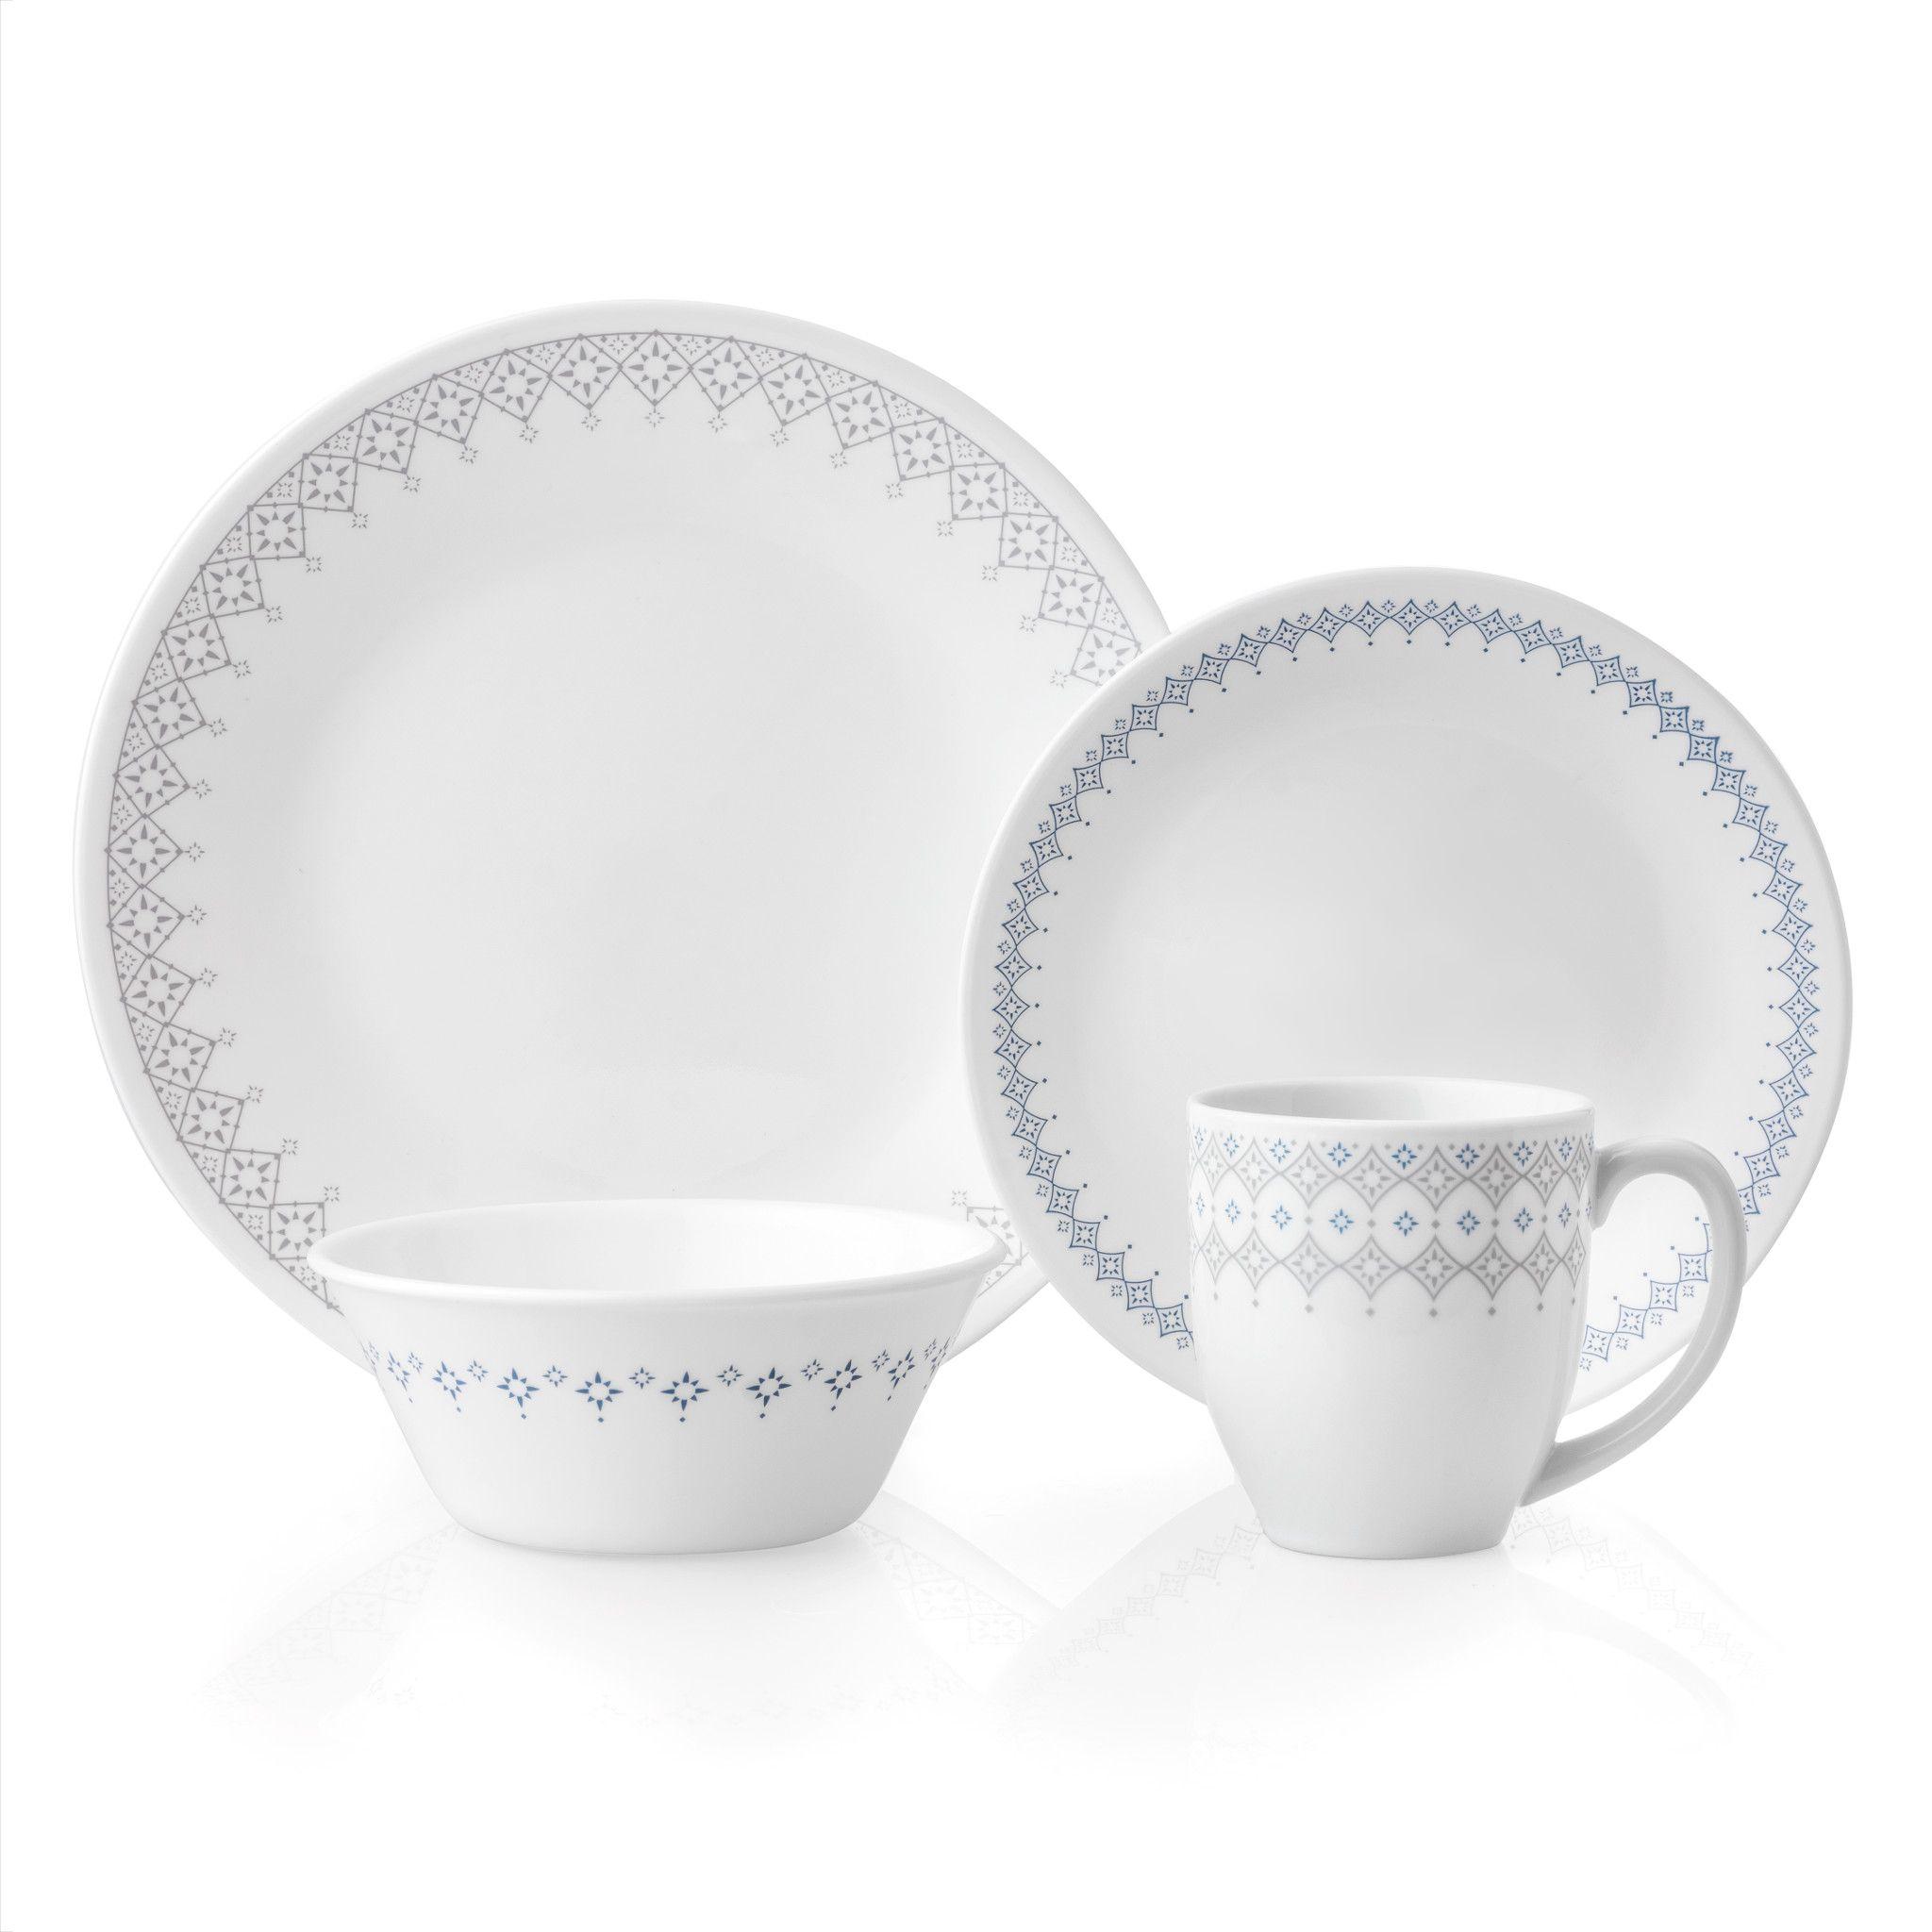 Evening Lattice 16 Piece Dinnerware Set Service For 4